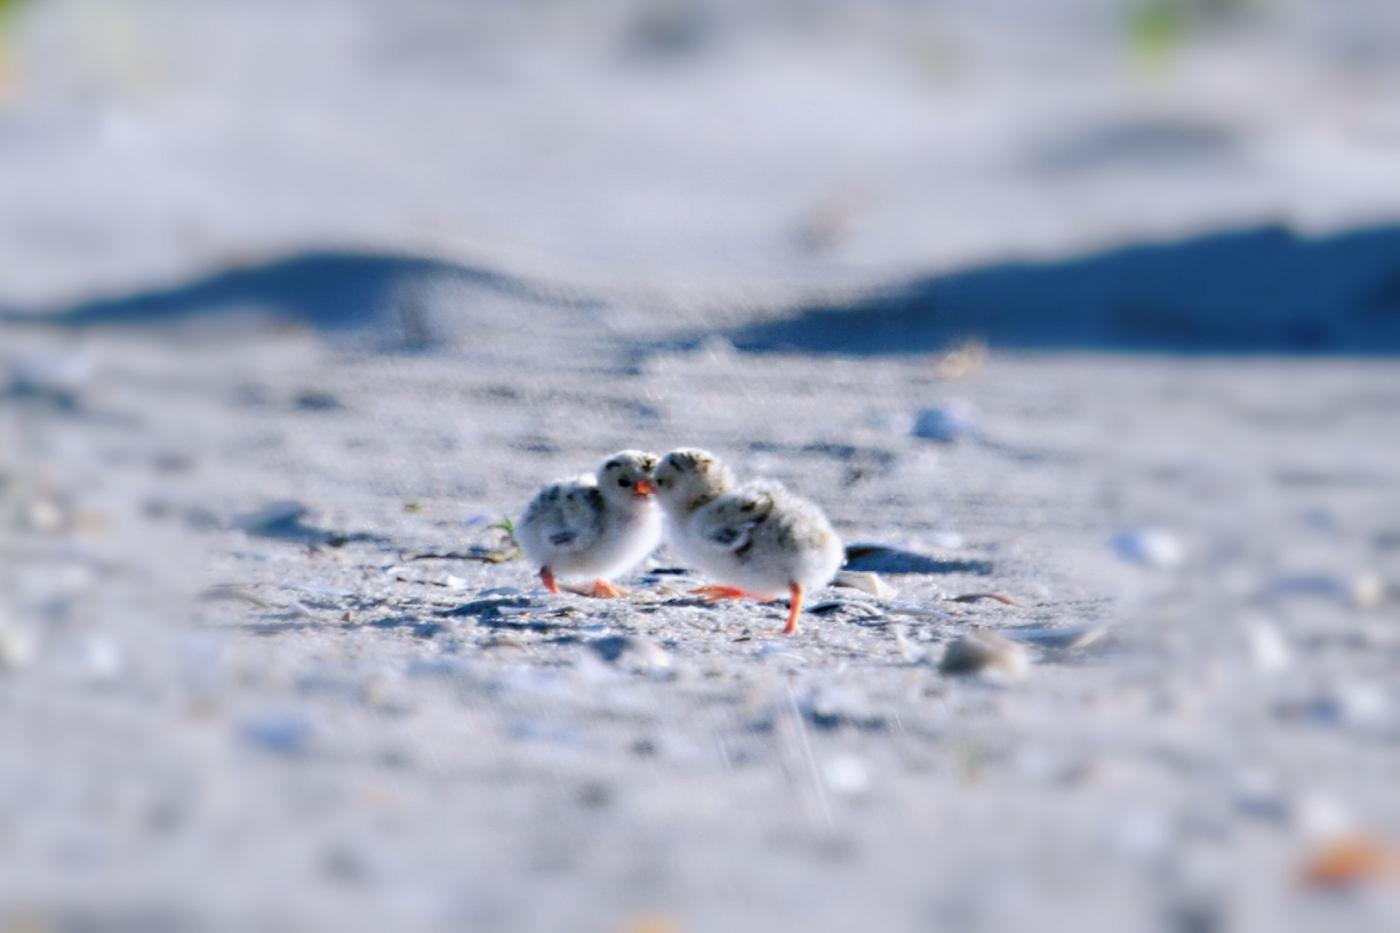 【田螺摄影】黄嘴燕鸥整个出生成长的过程_图1-27